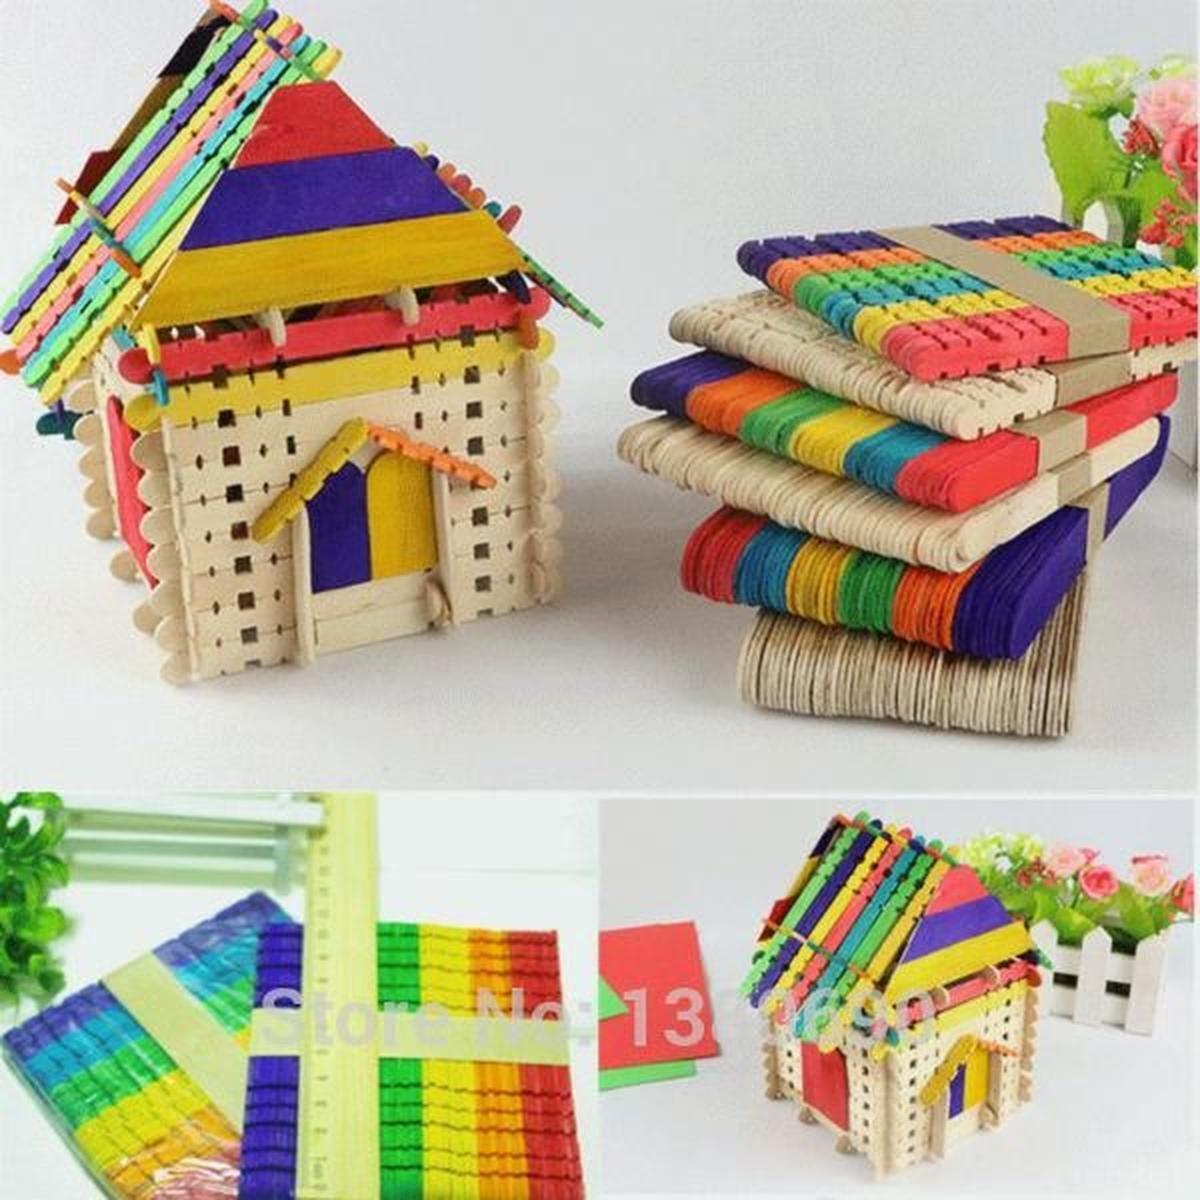 100Pcs/lot En Bois Popsicle Bâton Enfants Main Artisanat Art concernant Bricolage Avec Baton De Bois